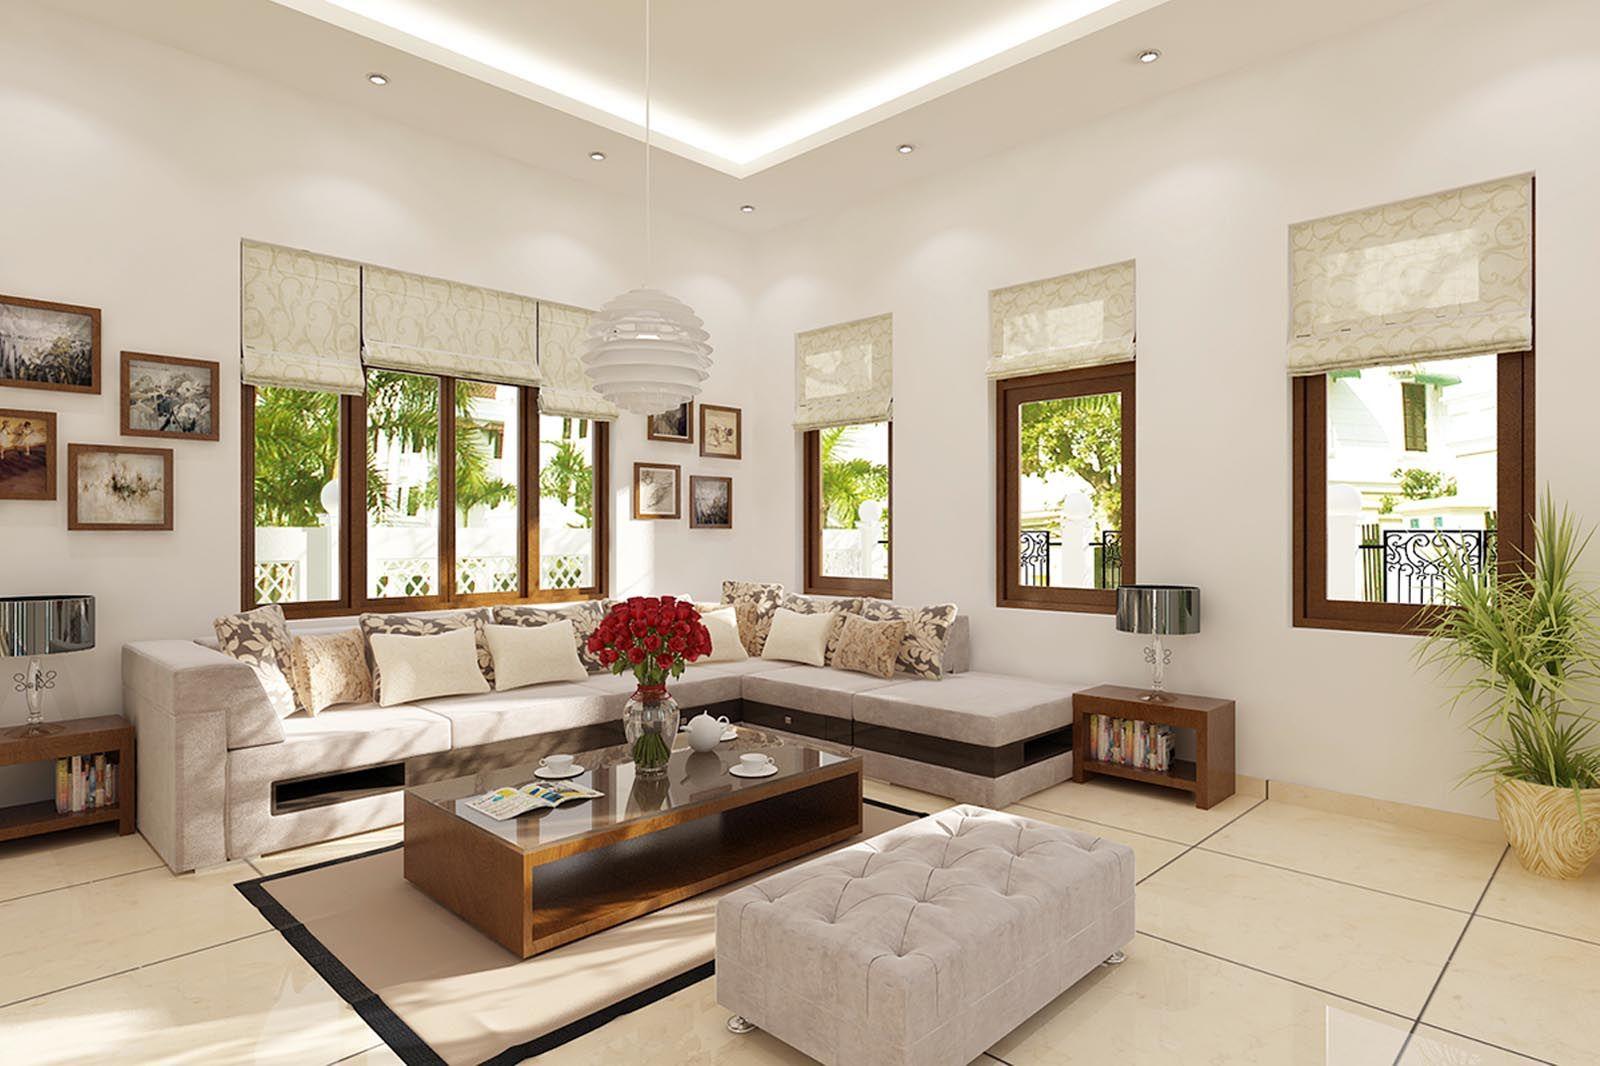 Phong thủy cửa sổ cho phòng khách